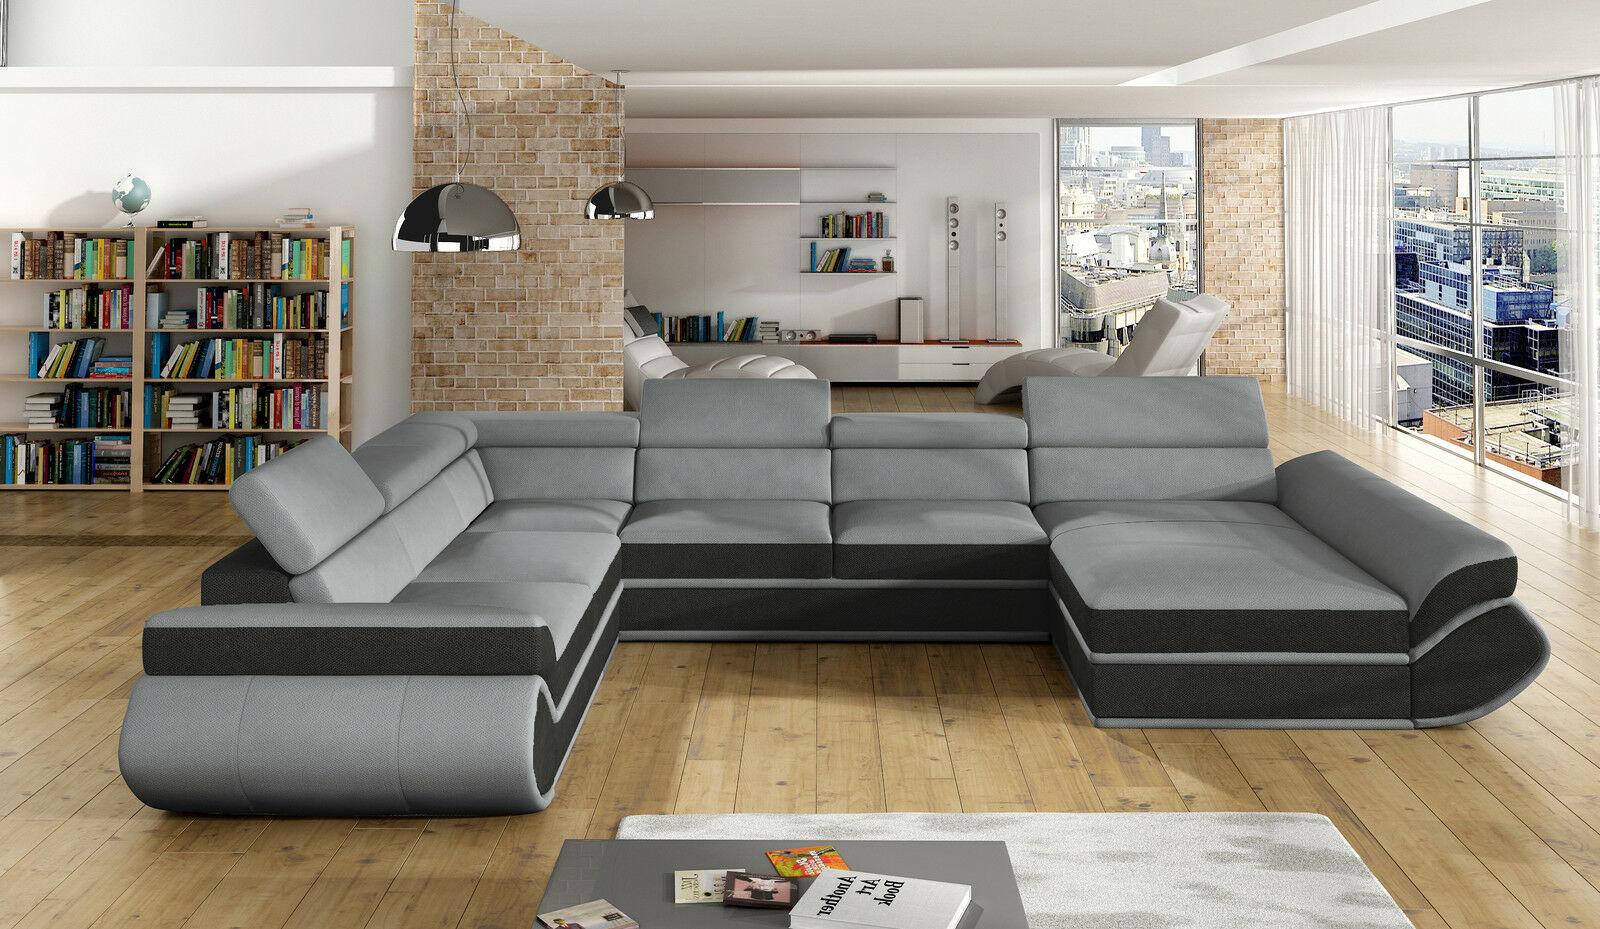 couchgarnitur genesis xl sofa mit schlaffunktion couch. Black Bedroom Furniture Sets. Home Design Ideas